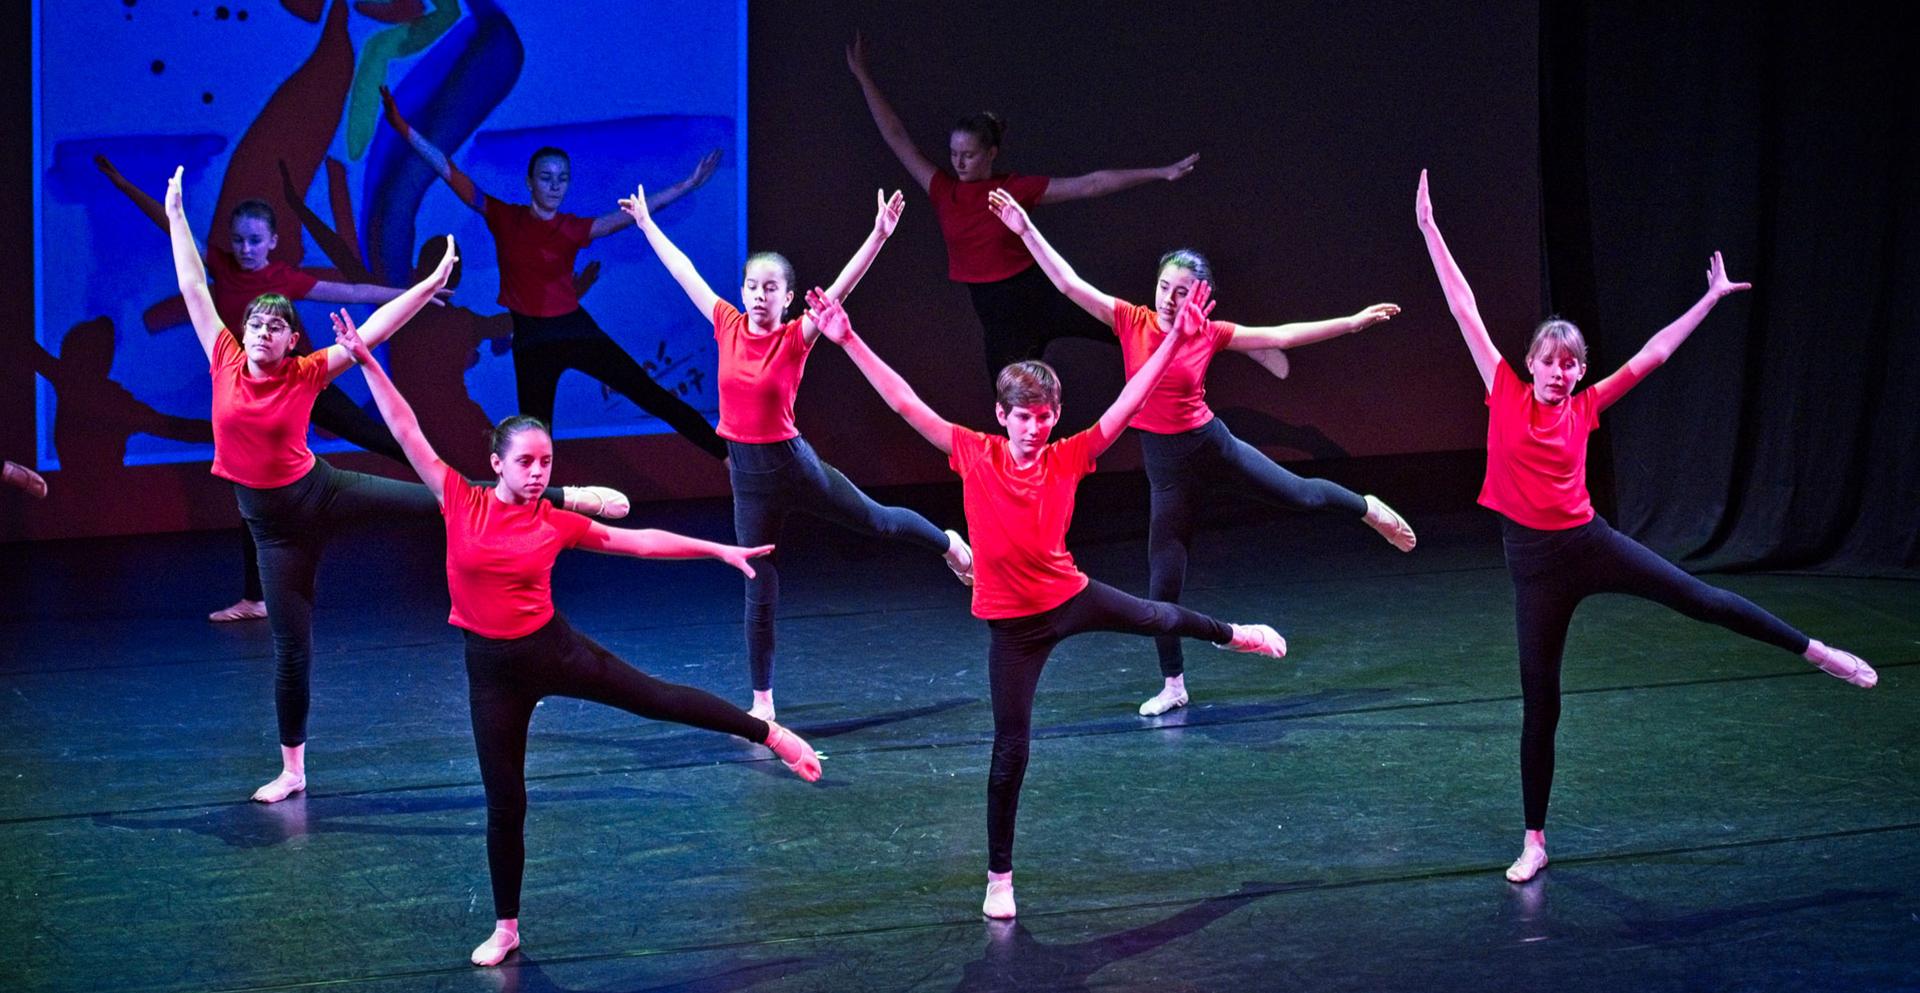 Tanzschule Walter Bartel – Seit über 95 Jahren in Hamburg